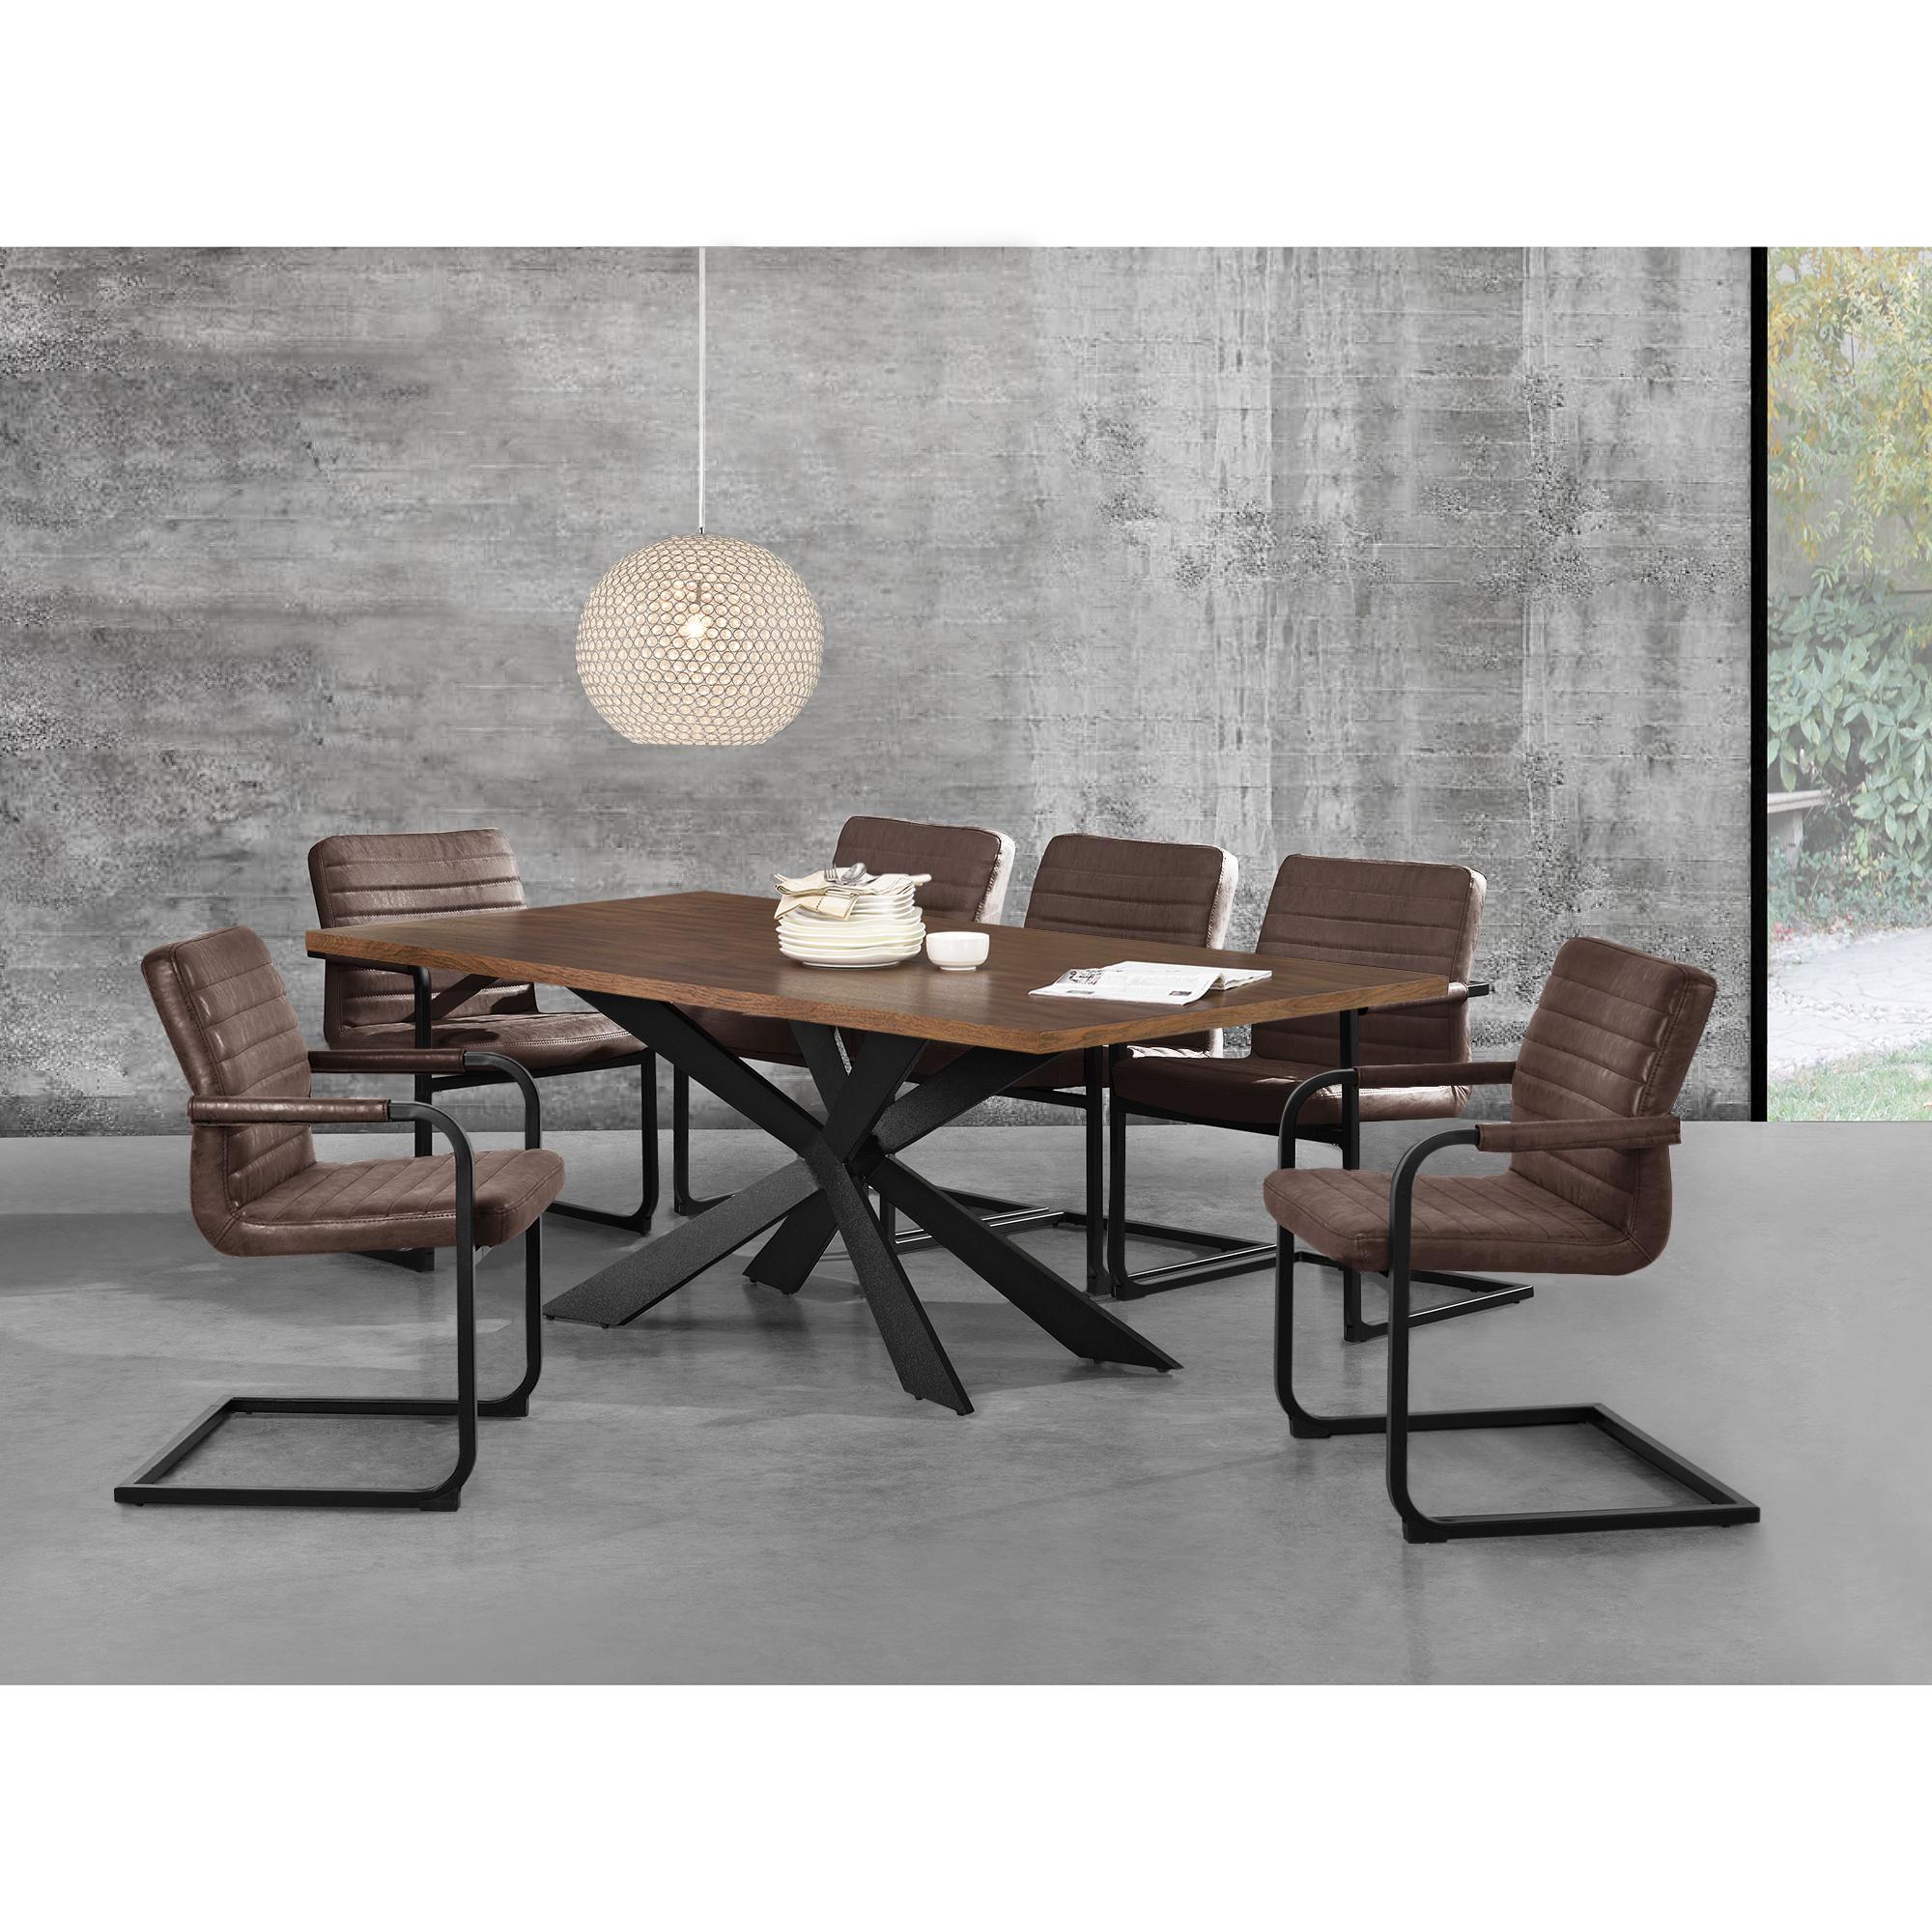 en.casa]® Esstisch Walnuss mit 6 Stühlen 200x100 Tisch Stühle ...